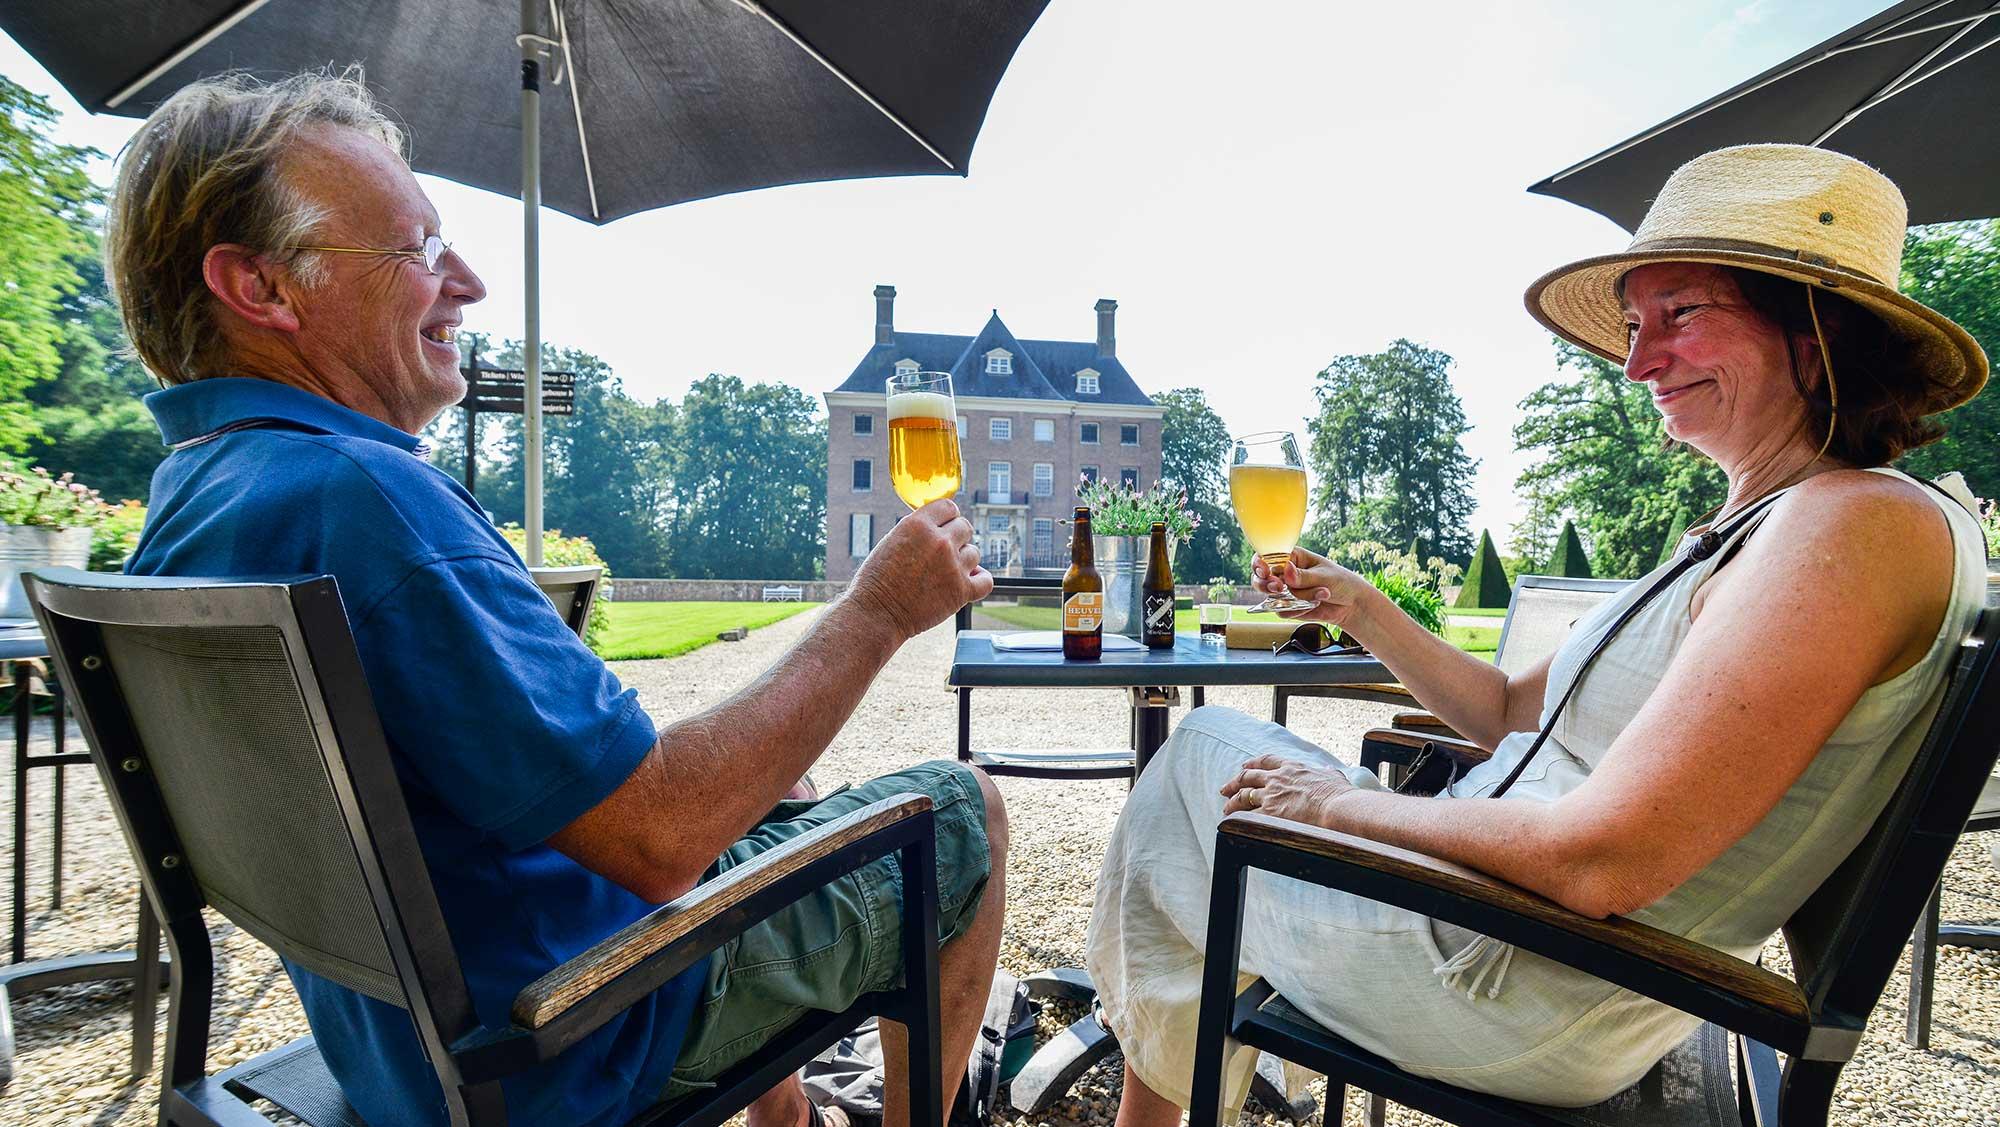 Omgeving Molecaten Park Landgoed Ginkelduin 11 Utrecht de Neude